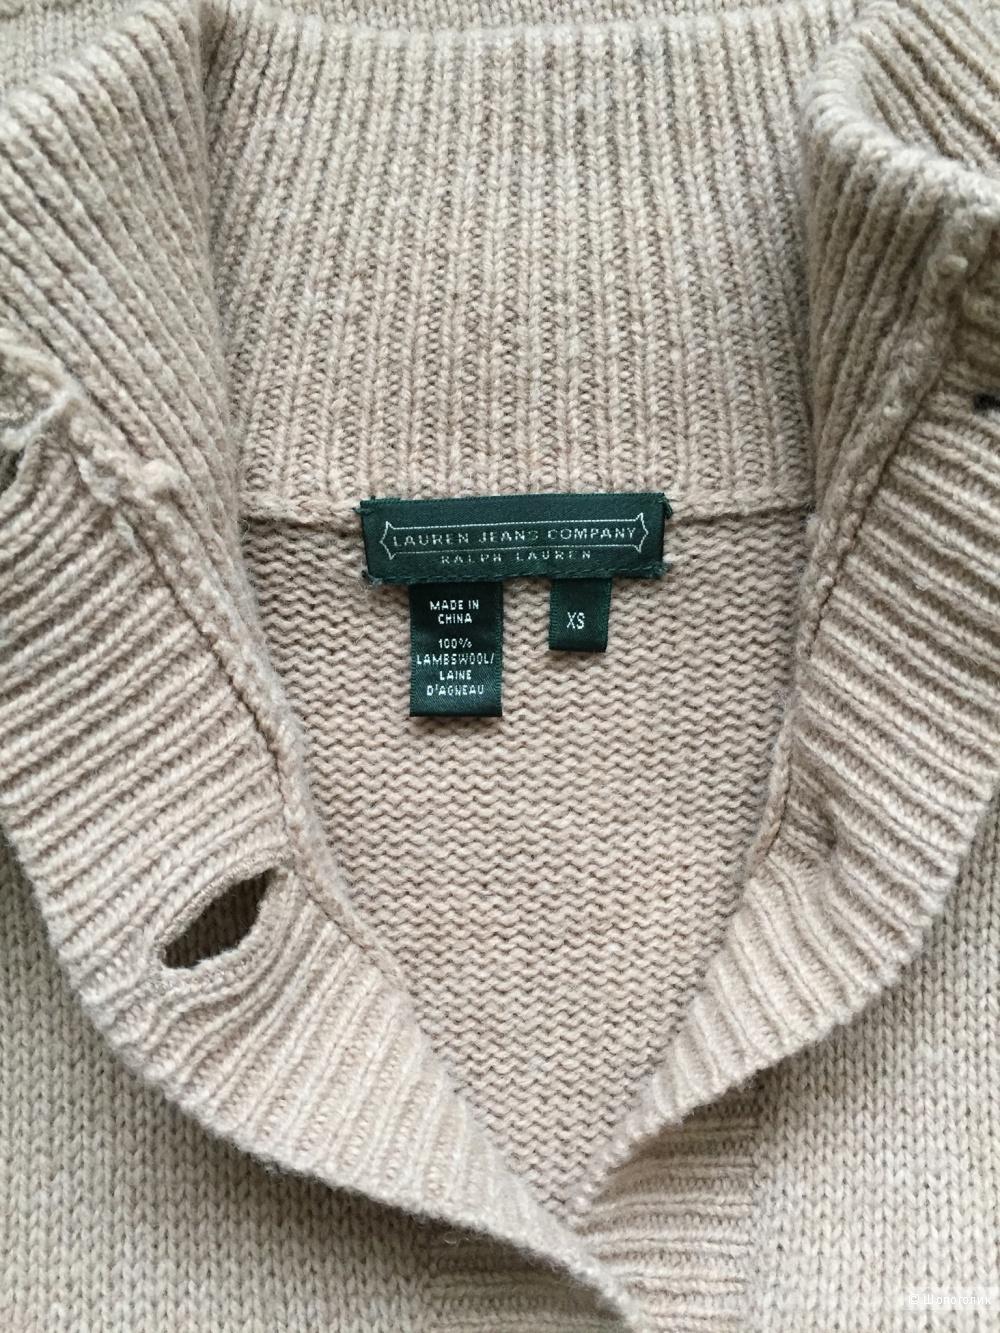 Длинный кардиган Lauren jeans company от Ralph Lauren